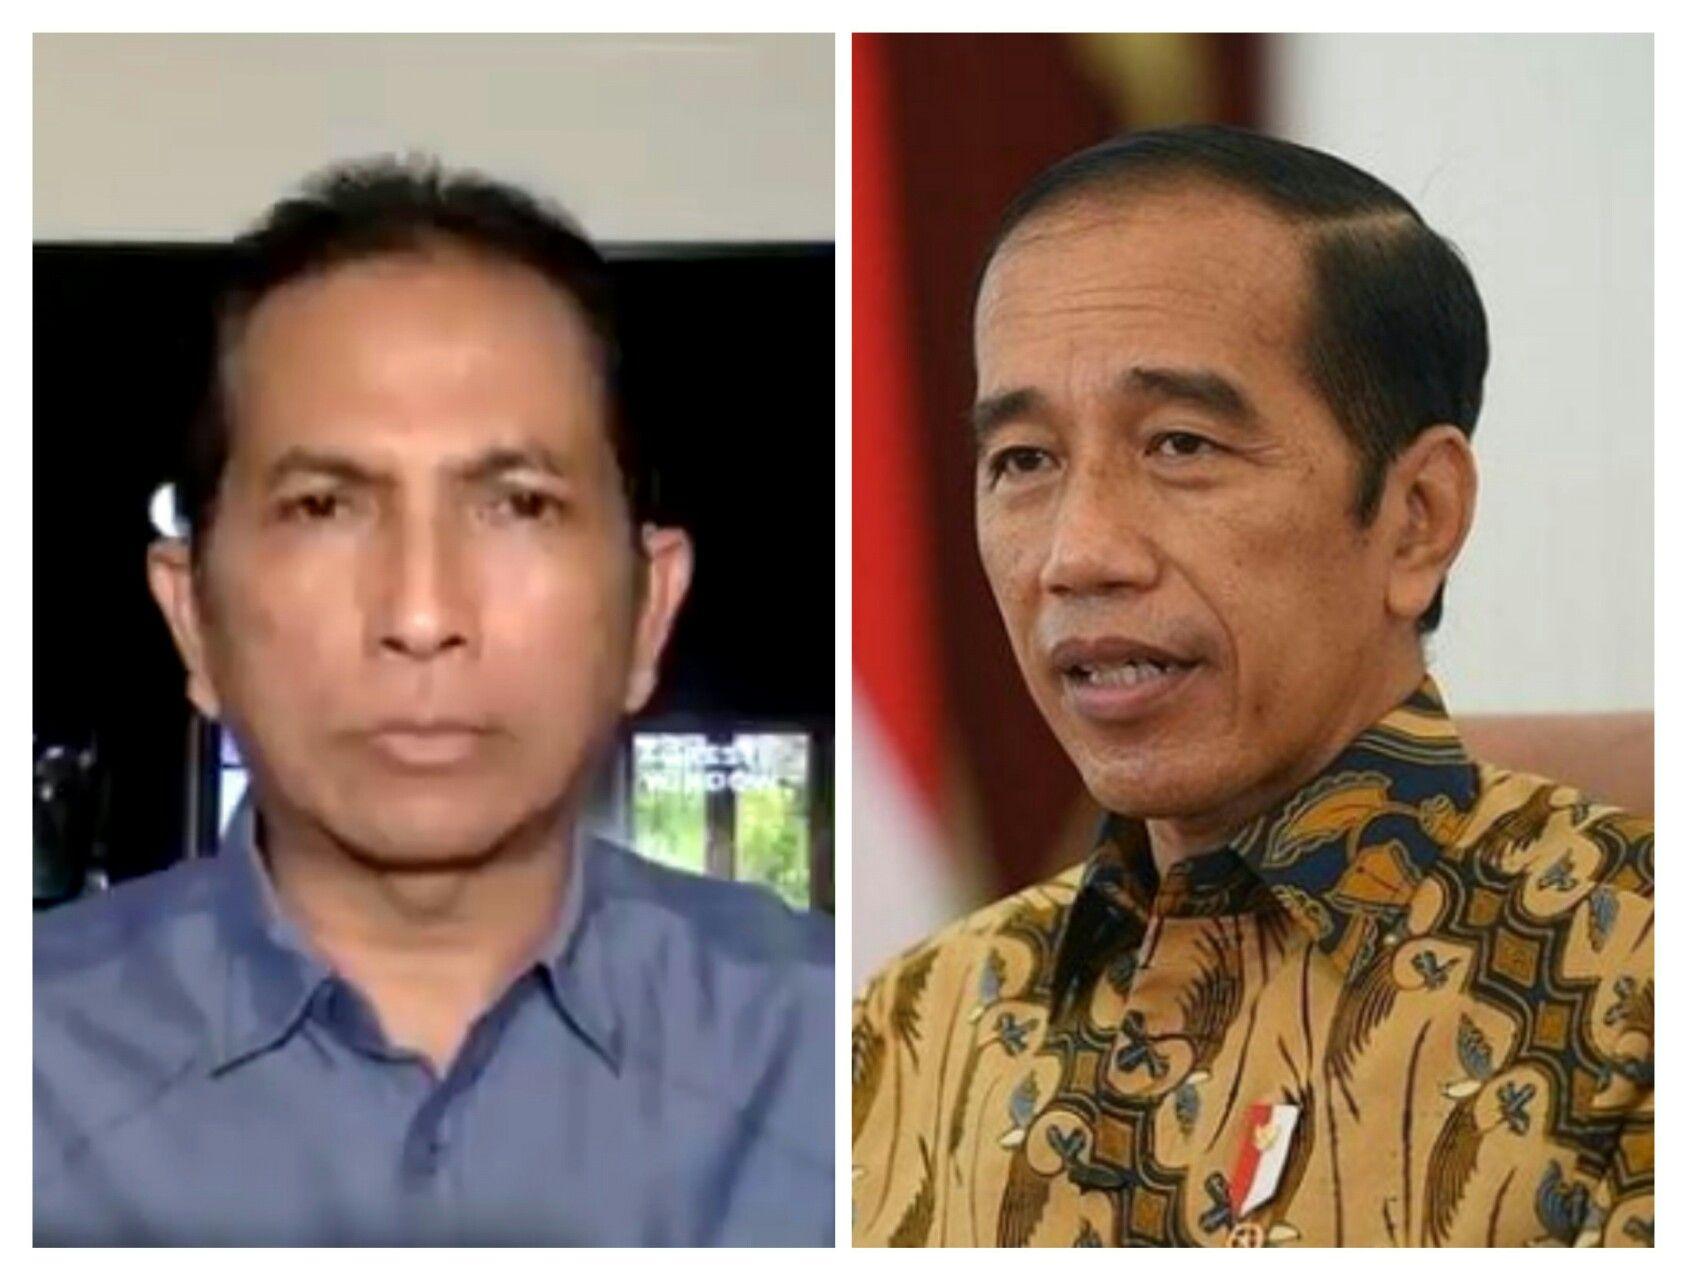 Praktisi Hukum: Jokowi Lebih Layak Dipolisikan daripada Hersubeno Arief Terkait Dugaan Penyebaran Hoax